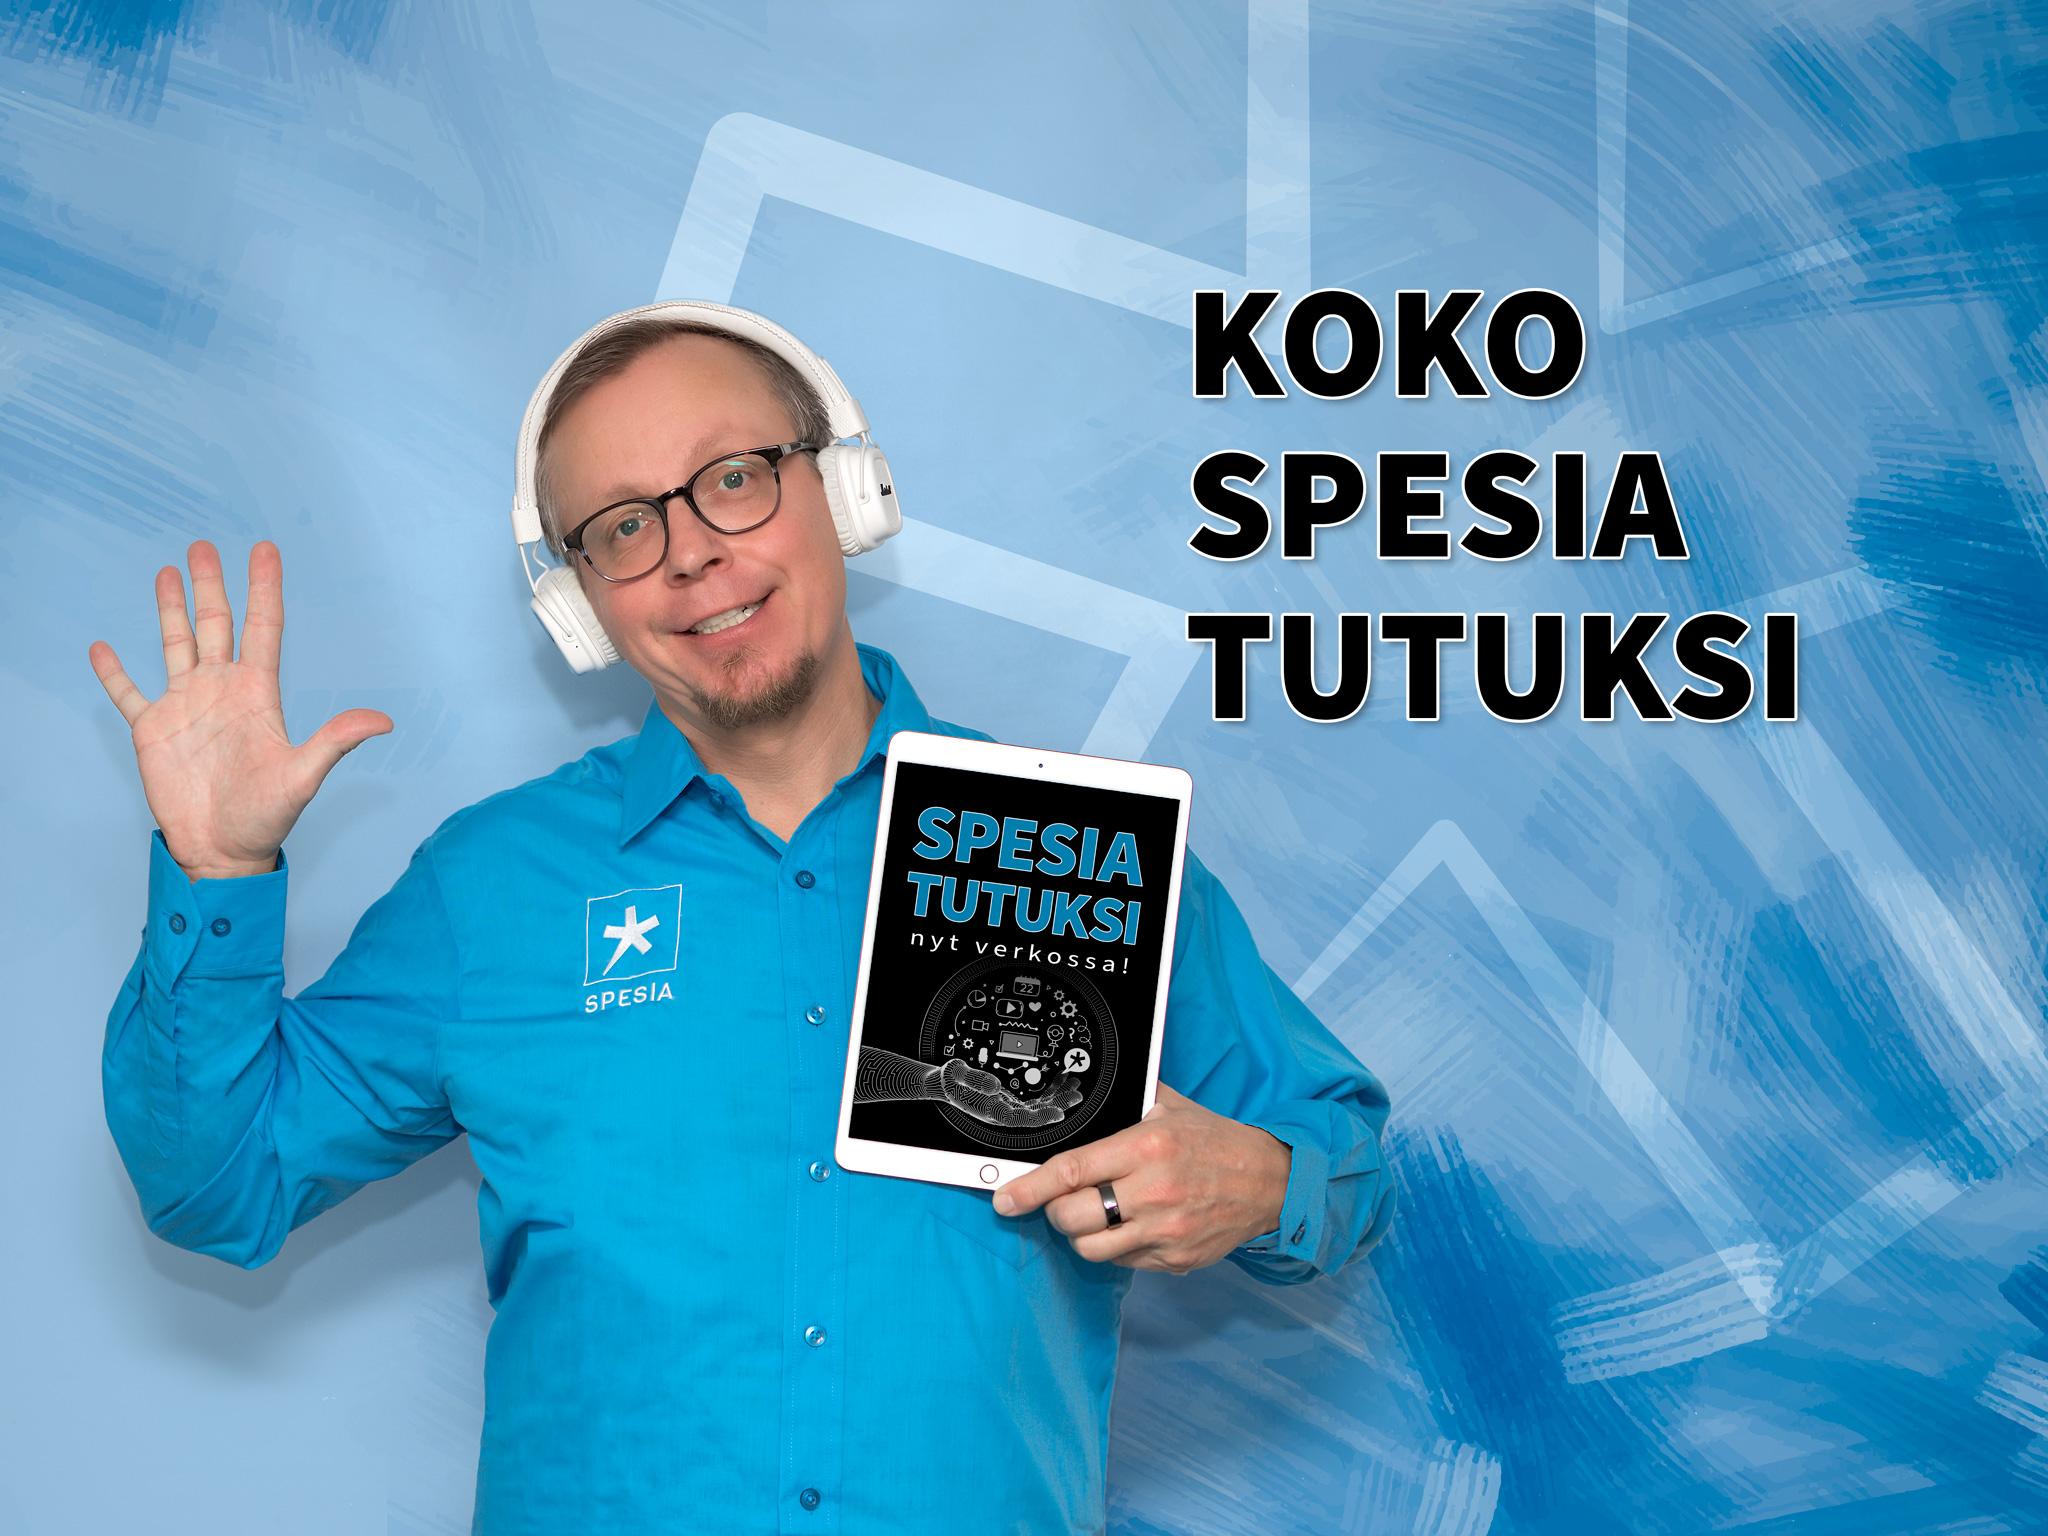 Koko Spesia tutuksi - moikkauskuva